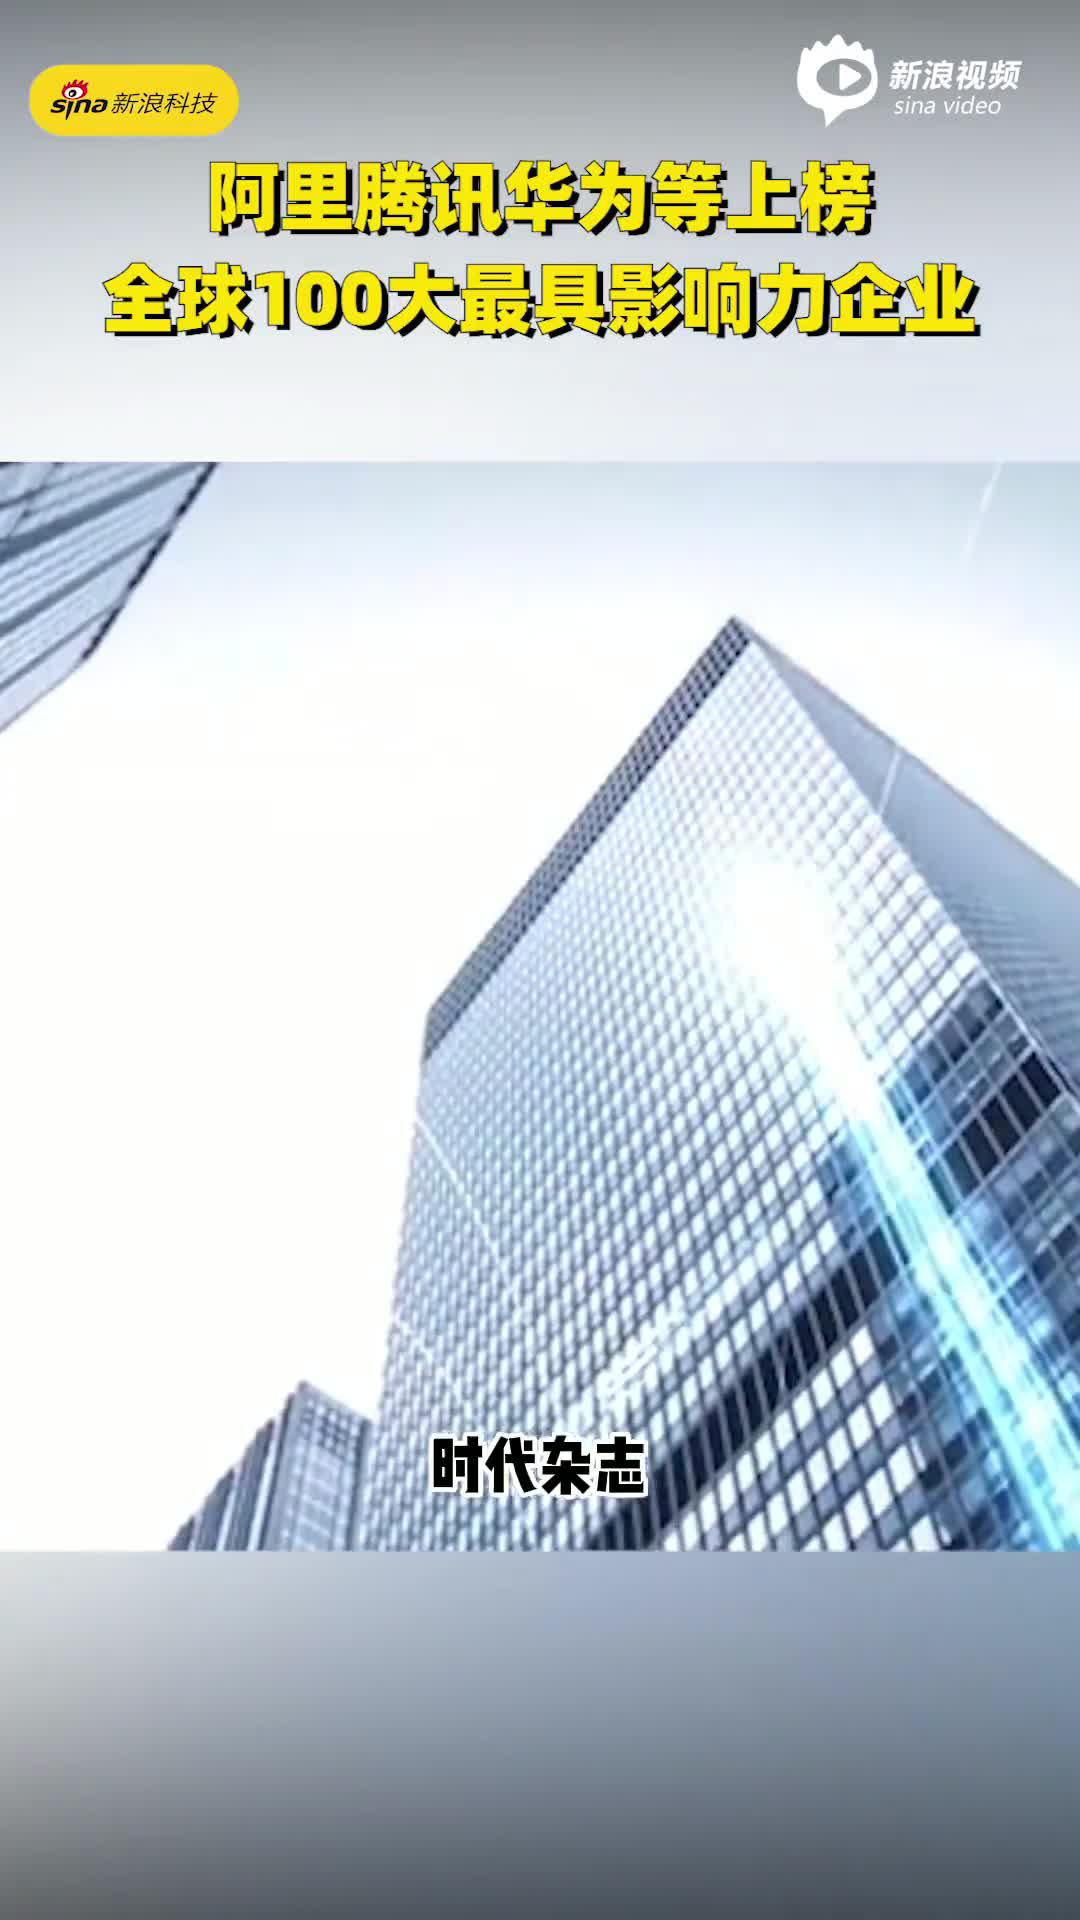 阿里、腾讯、华为等上榜全球100大最具影响力企业